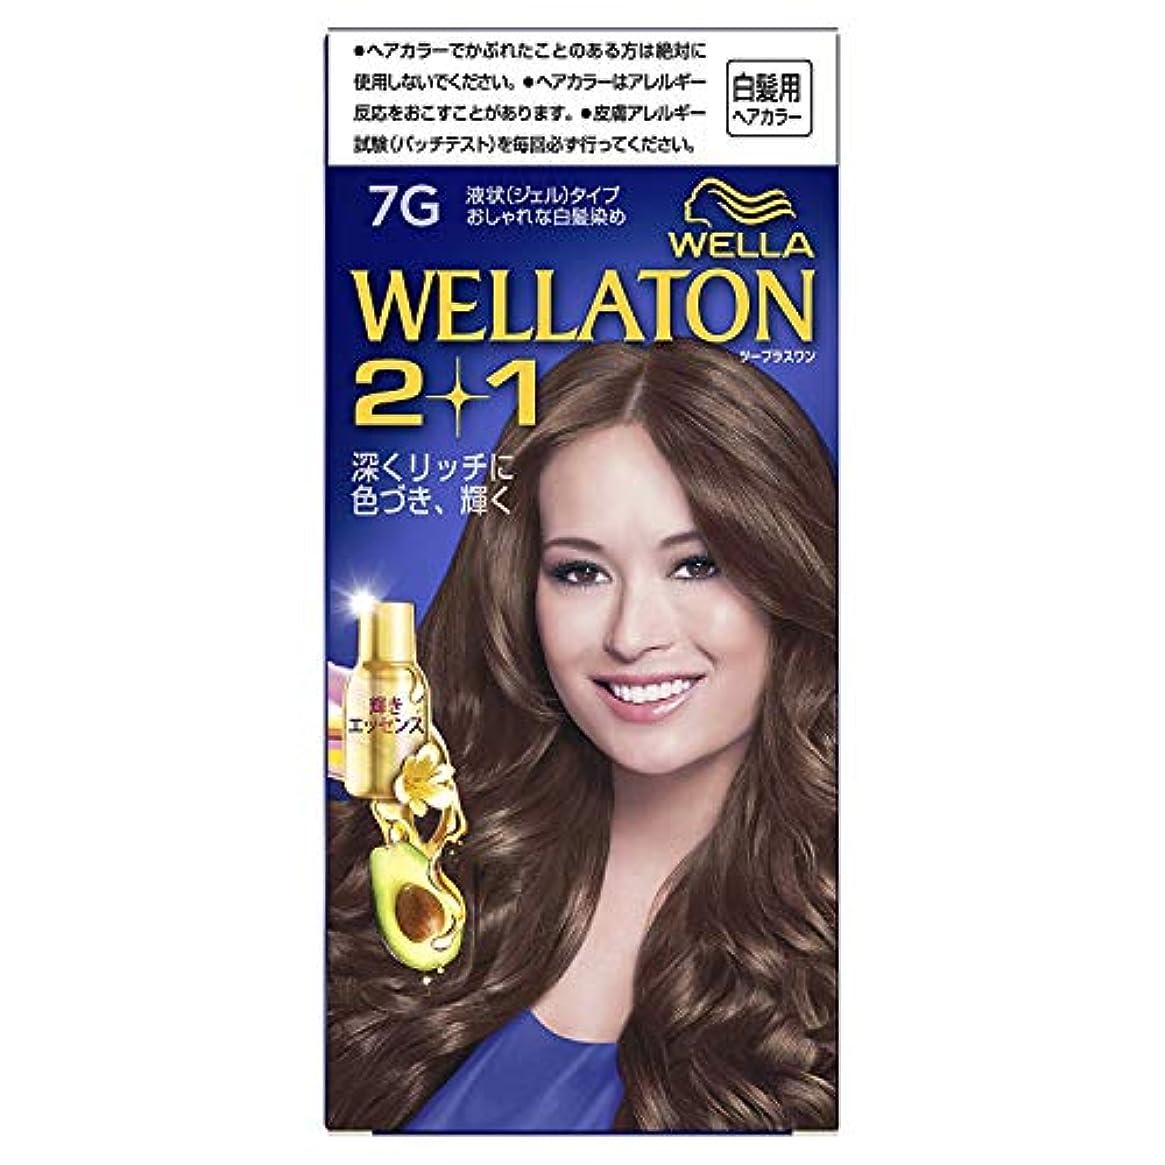 キャメルシャーク卒業ウエラトーン2+1 白髪染め 液状タイプ 7G [医薬部外品] ×6個